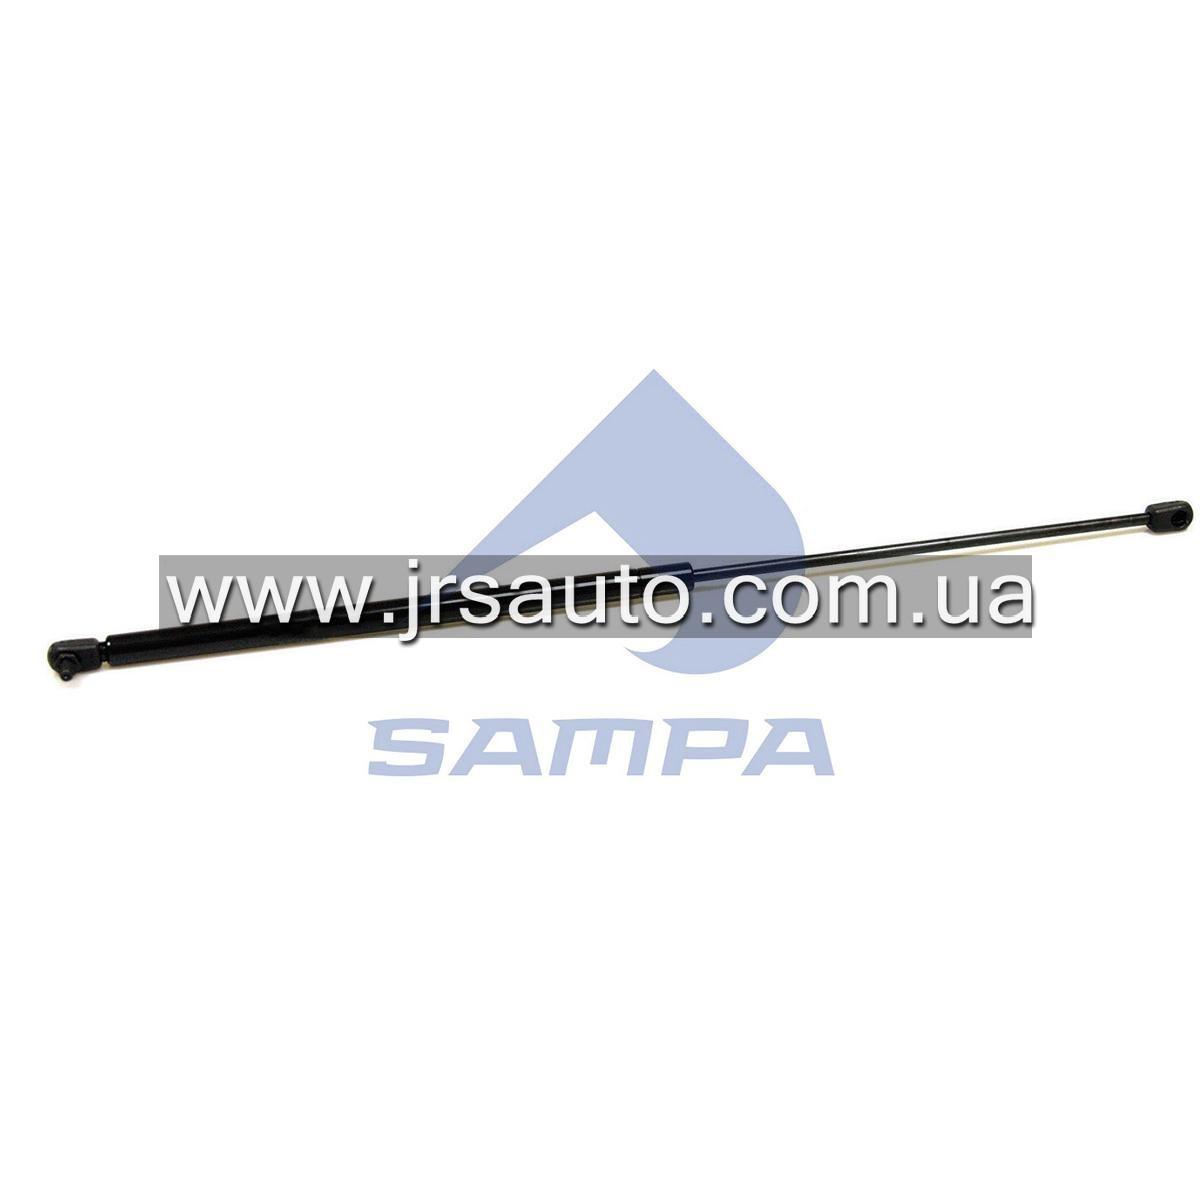 Амортизатор капота DAF (670 mm / 240 N) \1372540 \ 050.157